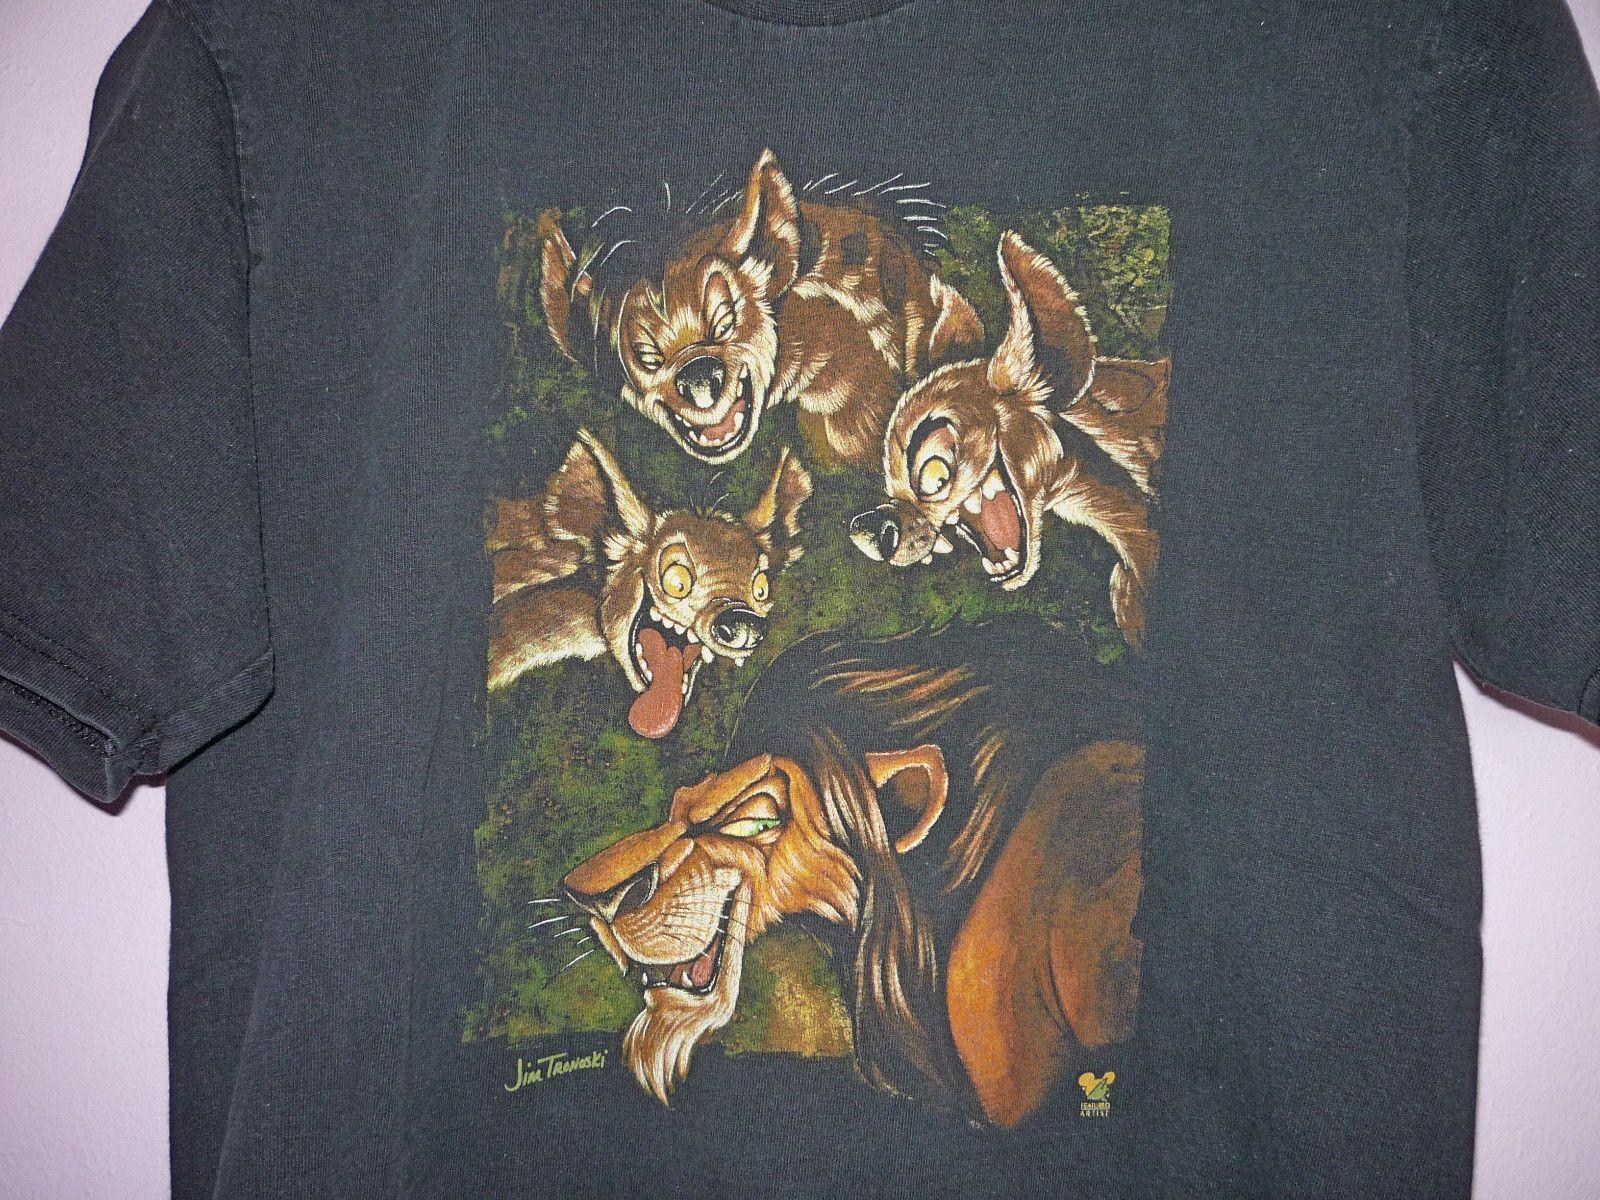 Disney the lion king scar hyenas shenzi banzai ed t shirt black m ebay